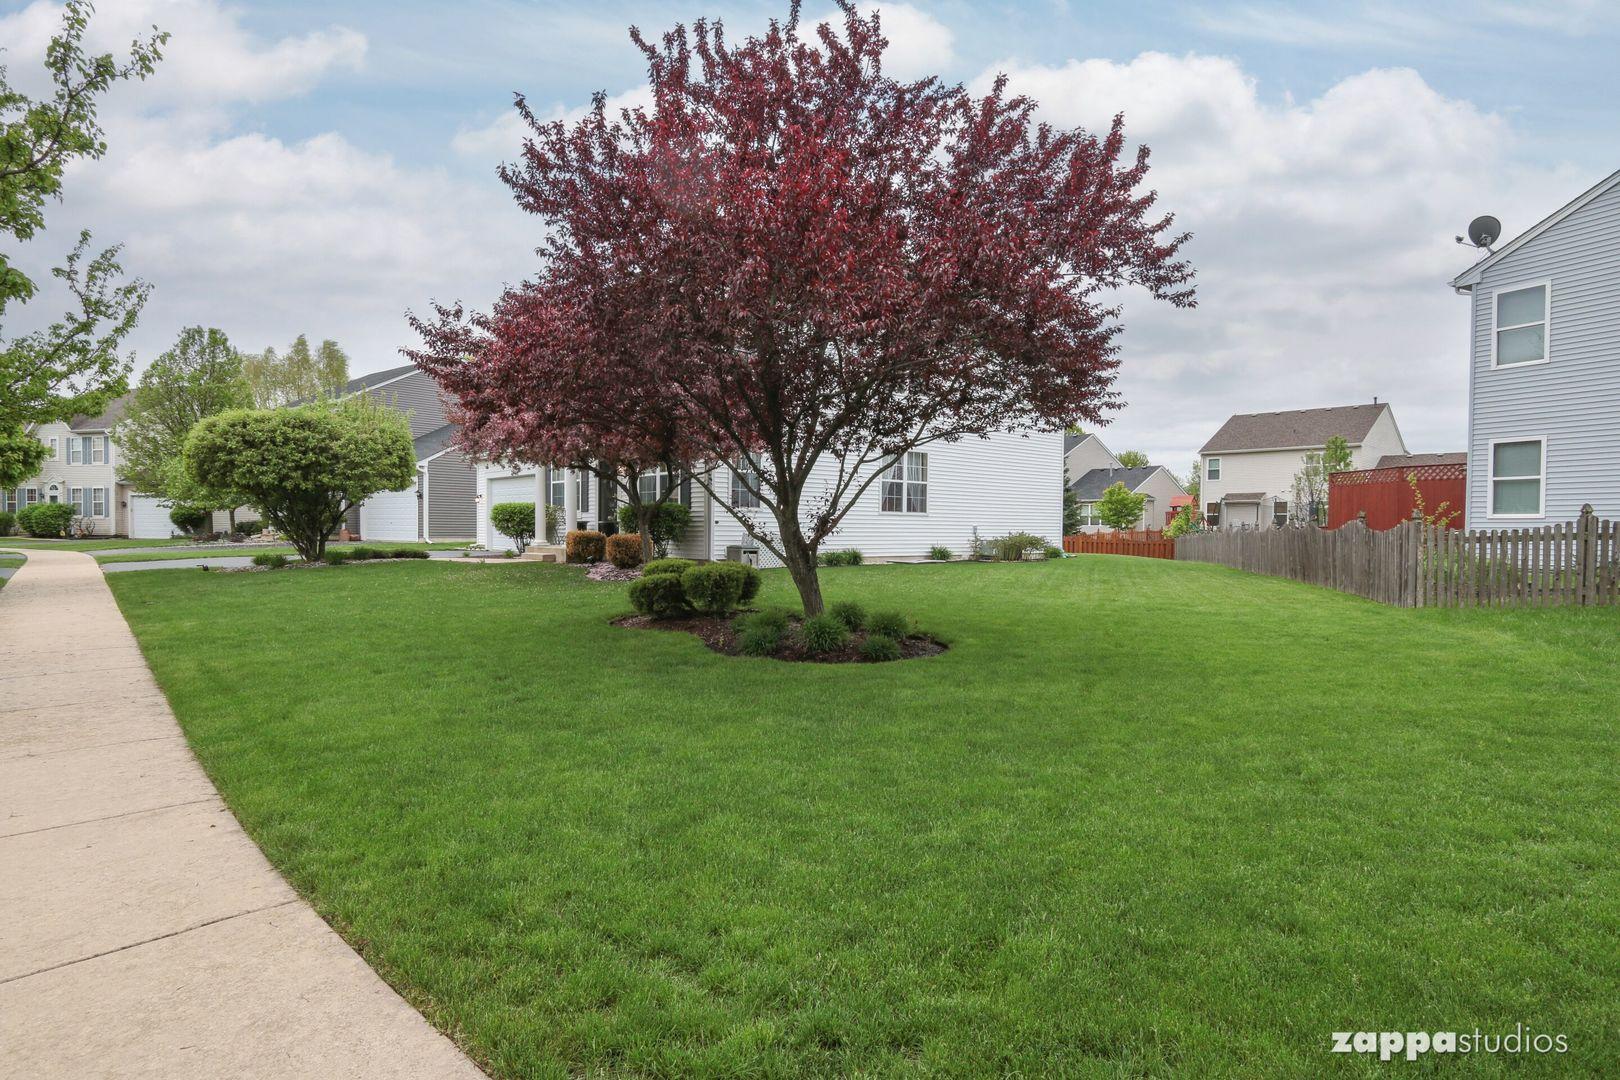 2913 Fairmont, AURORA, Illinois, 60503